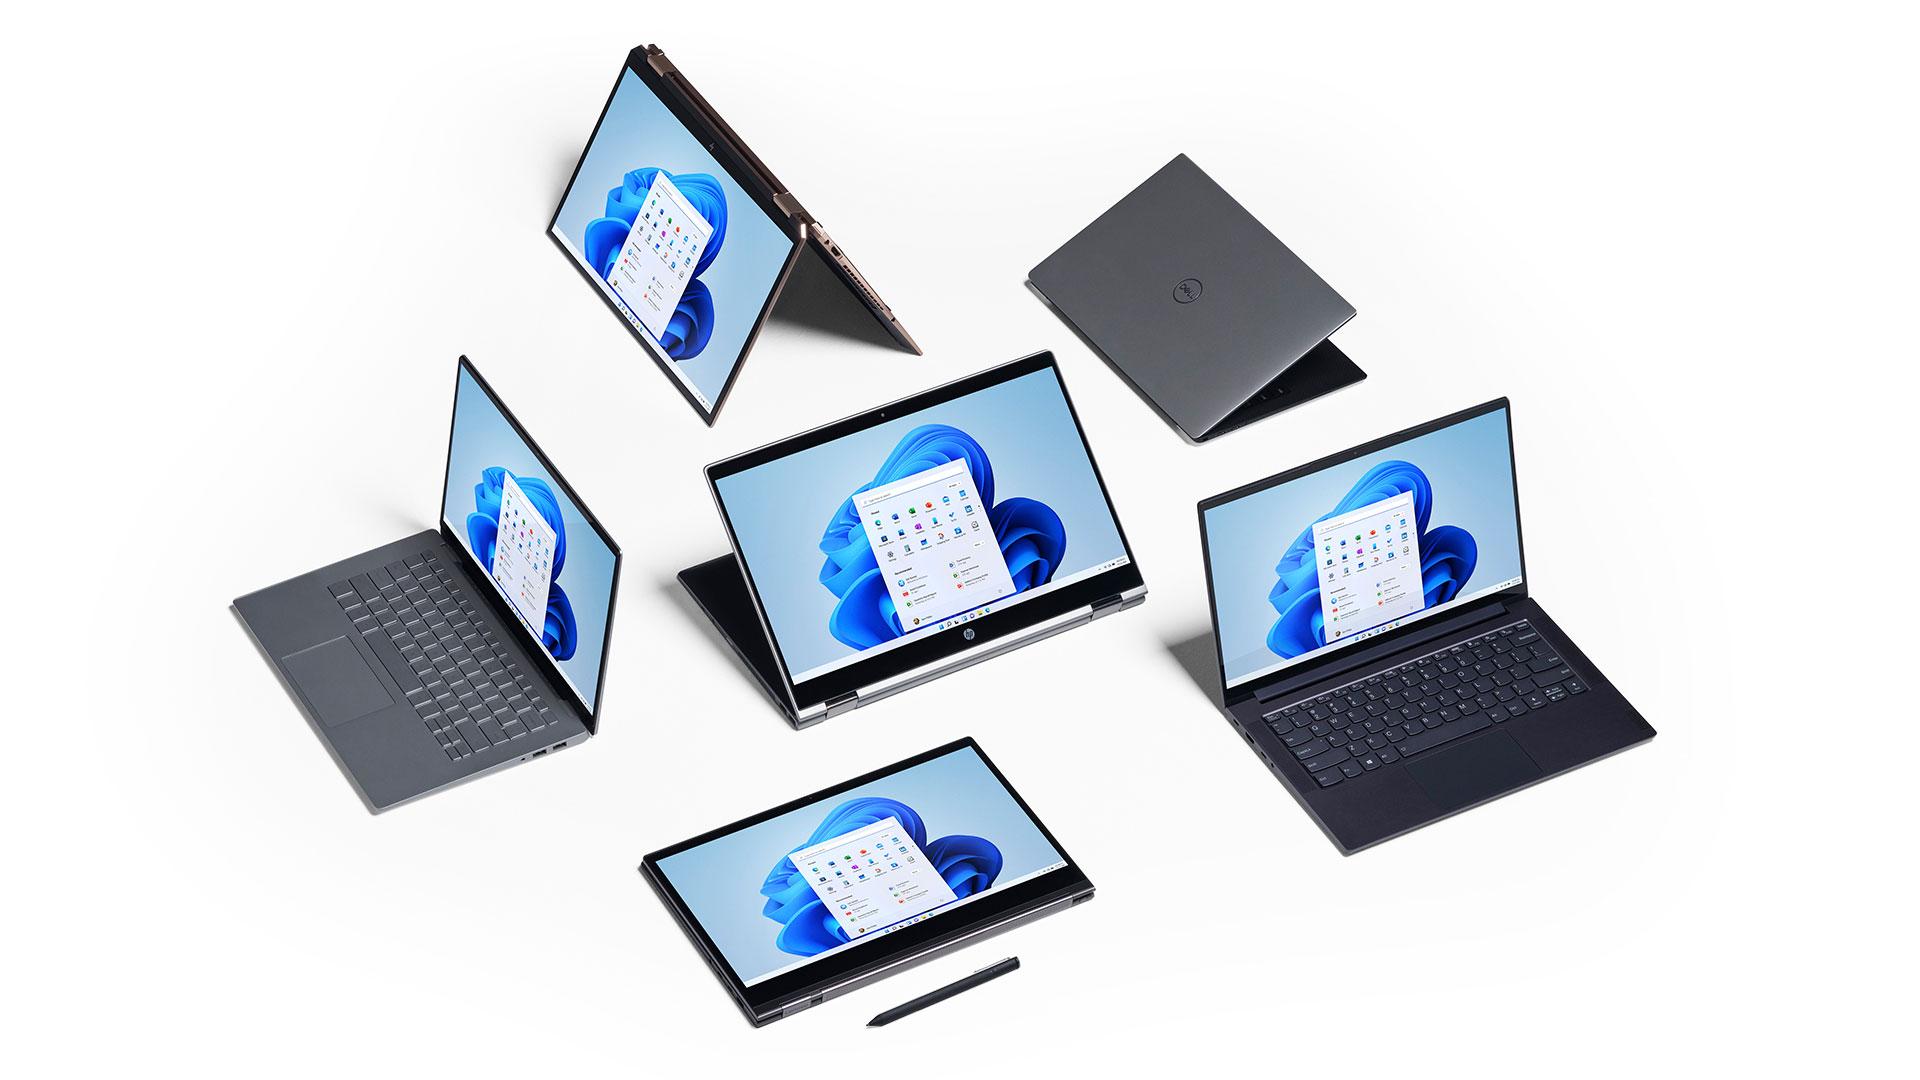 Ensemble de 6ordinateurs Windows 11